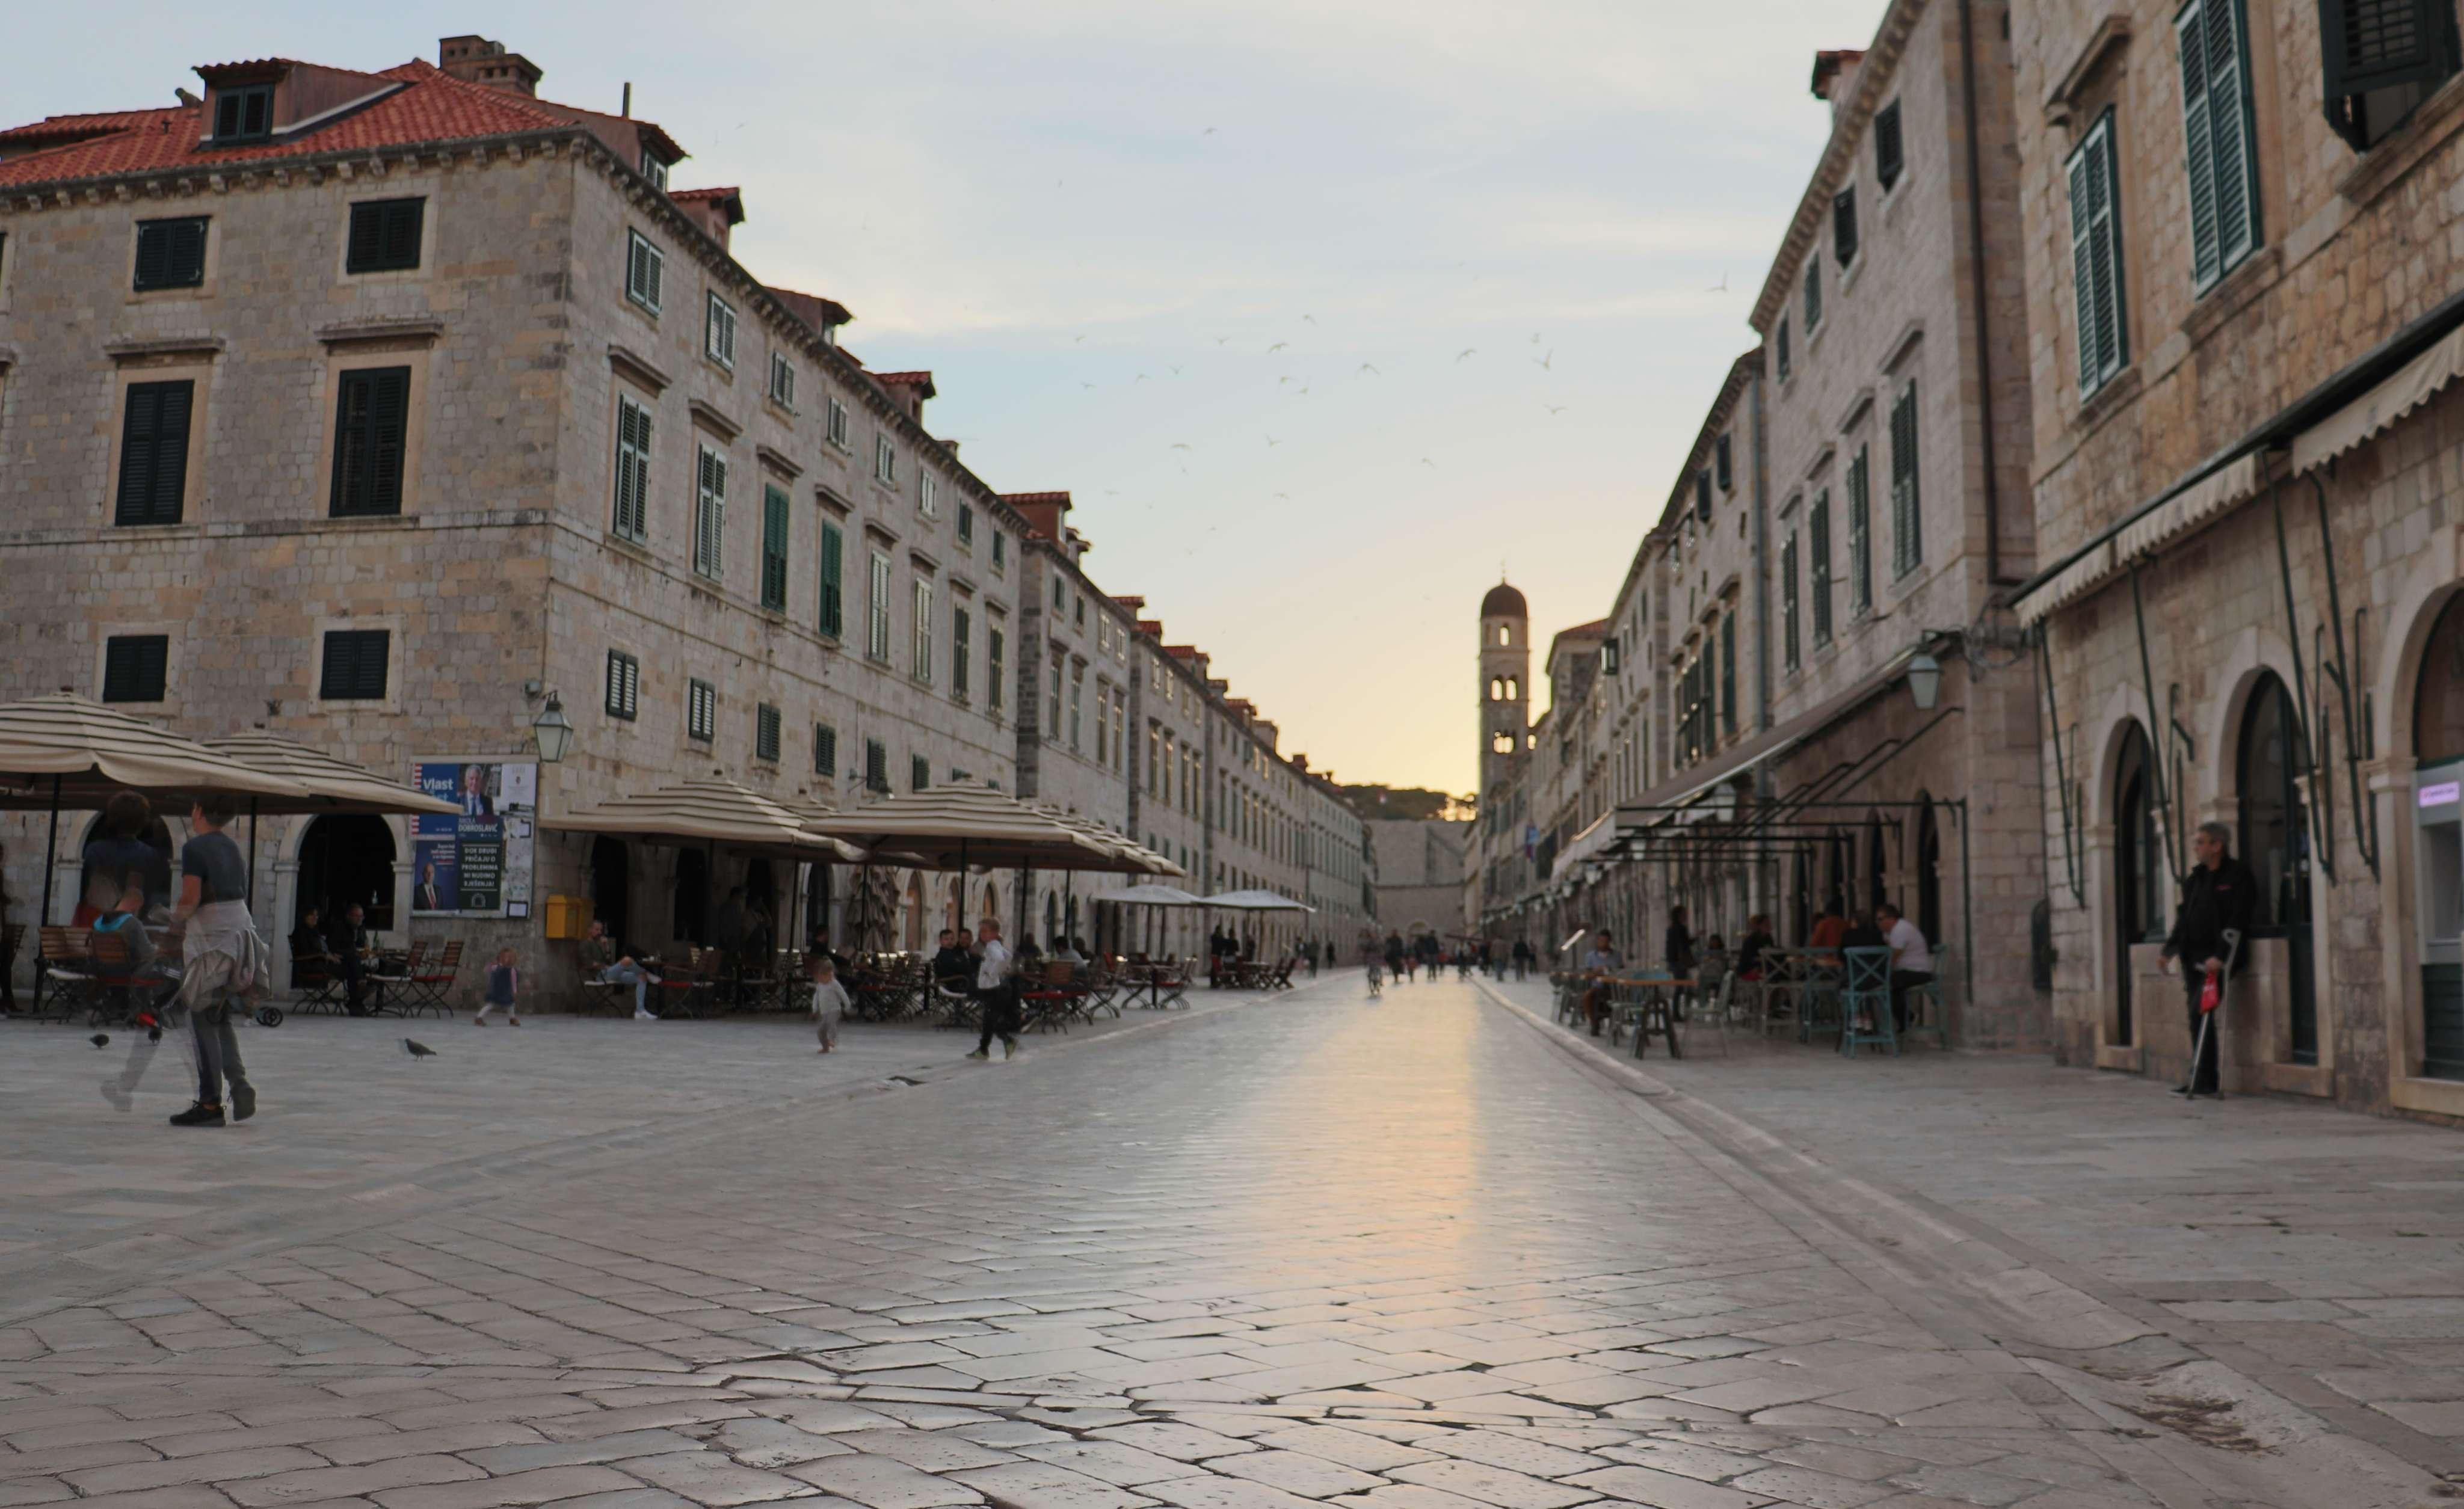 Medieval Dubrovnik (QUEST IN TEST MODE) image